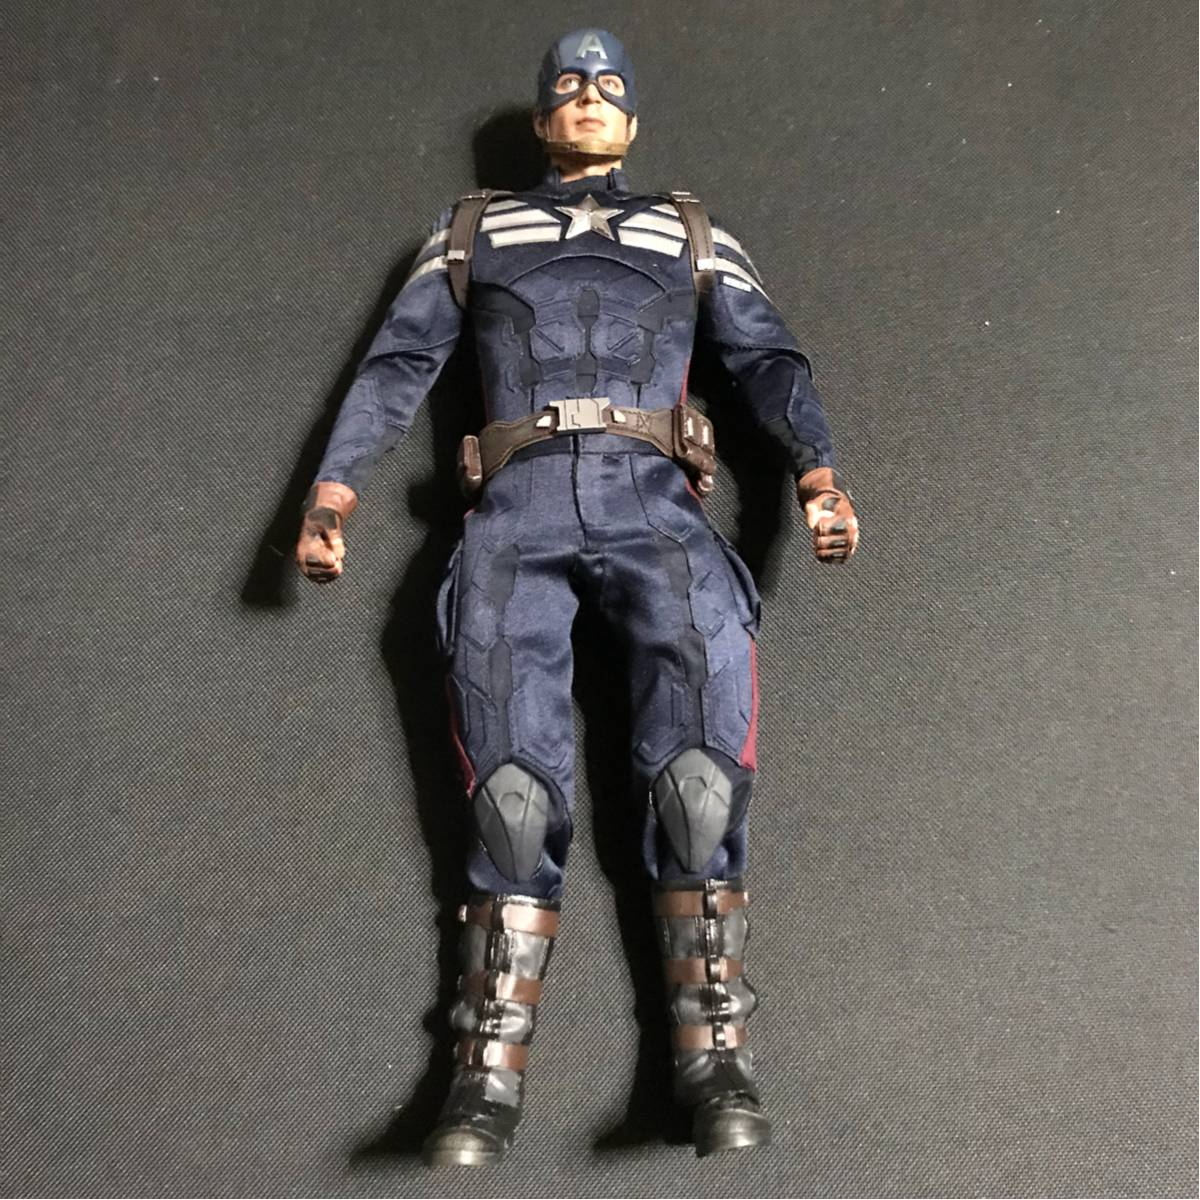 1/6 ホットトイズ キャプテンアメリカ ウインターソルジャー ステルススーツ 色移りあり 要説明確認 映画グッズの画像